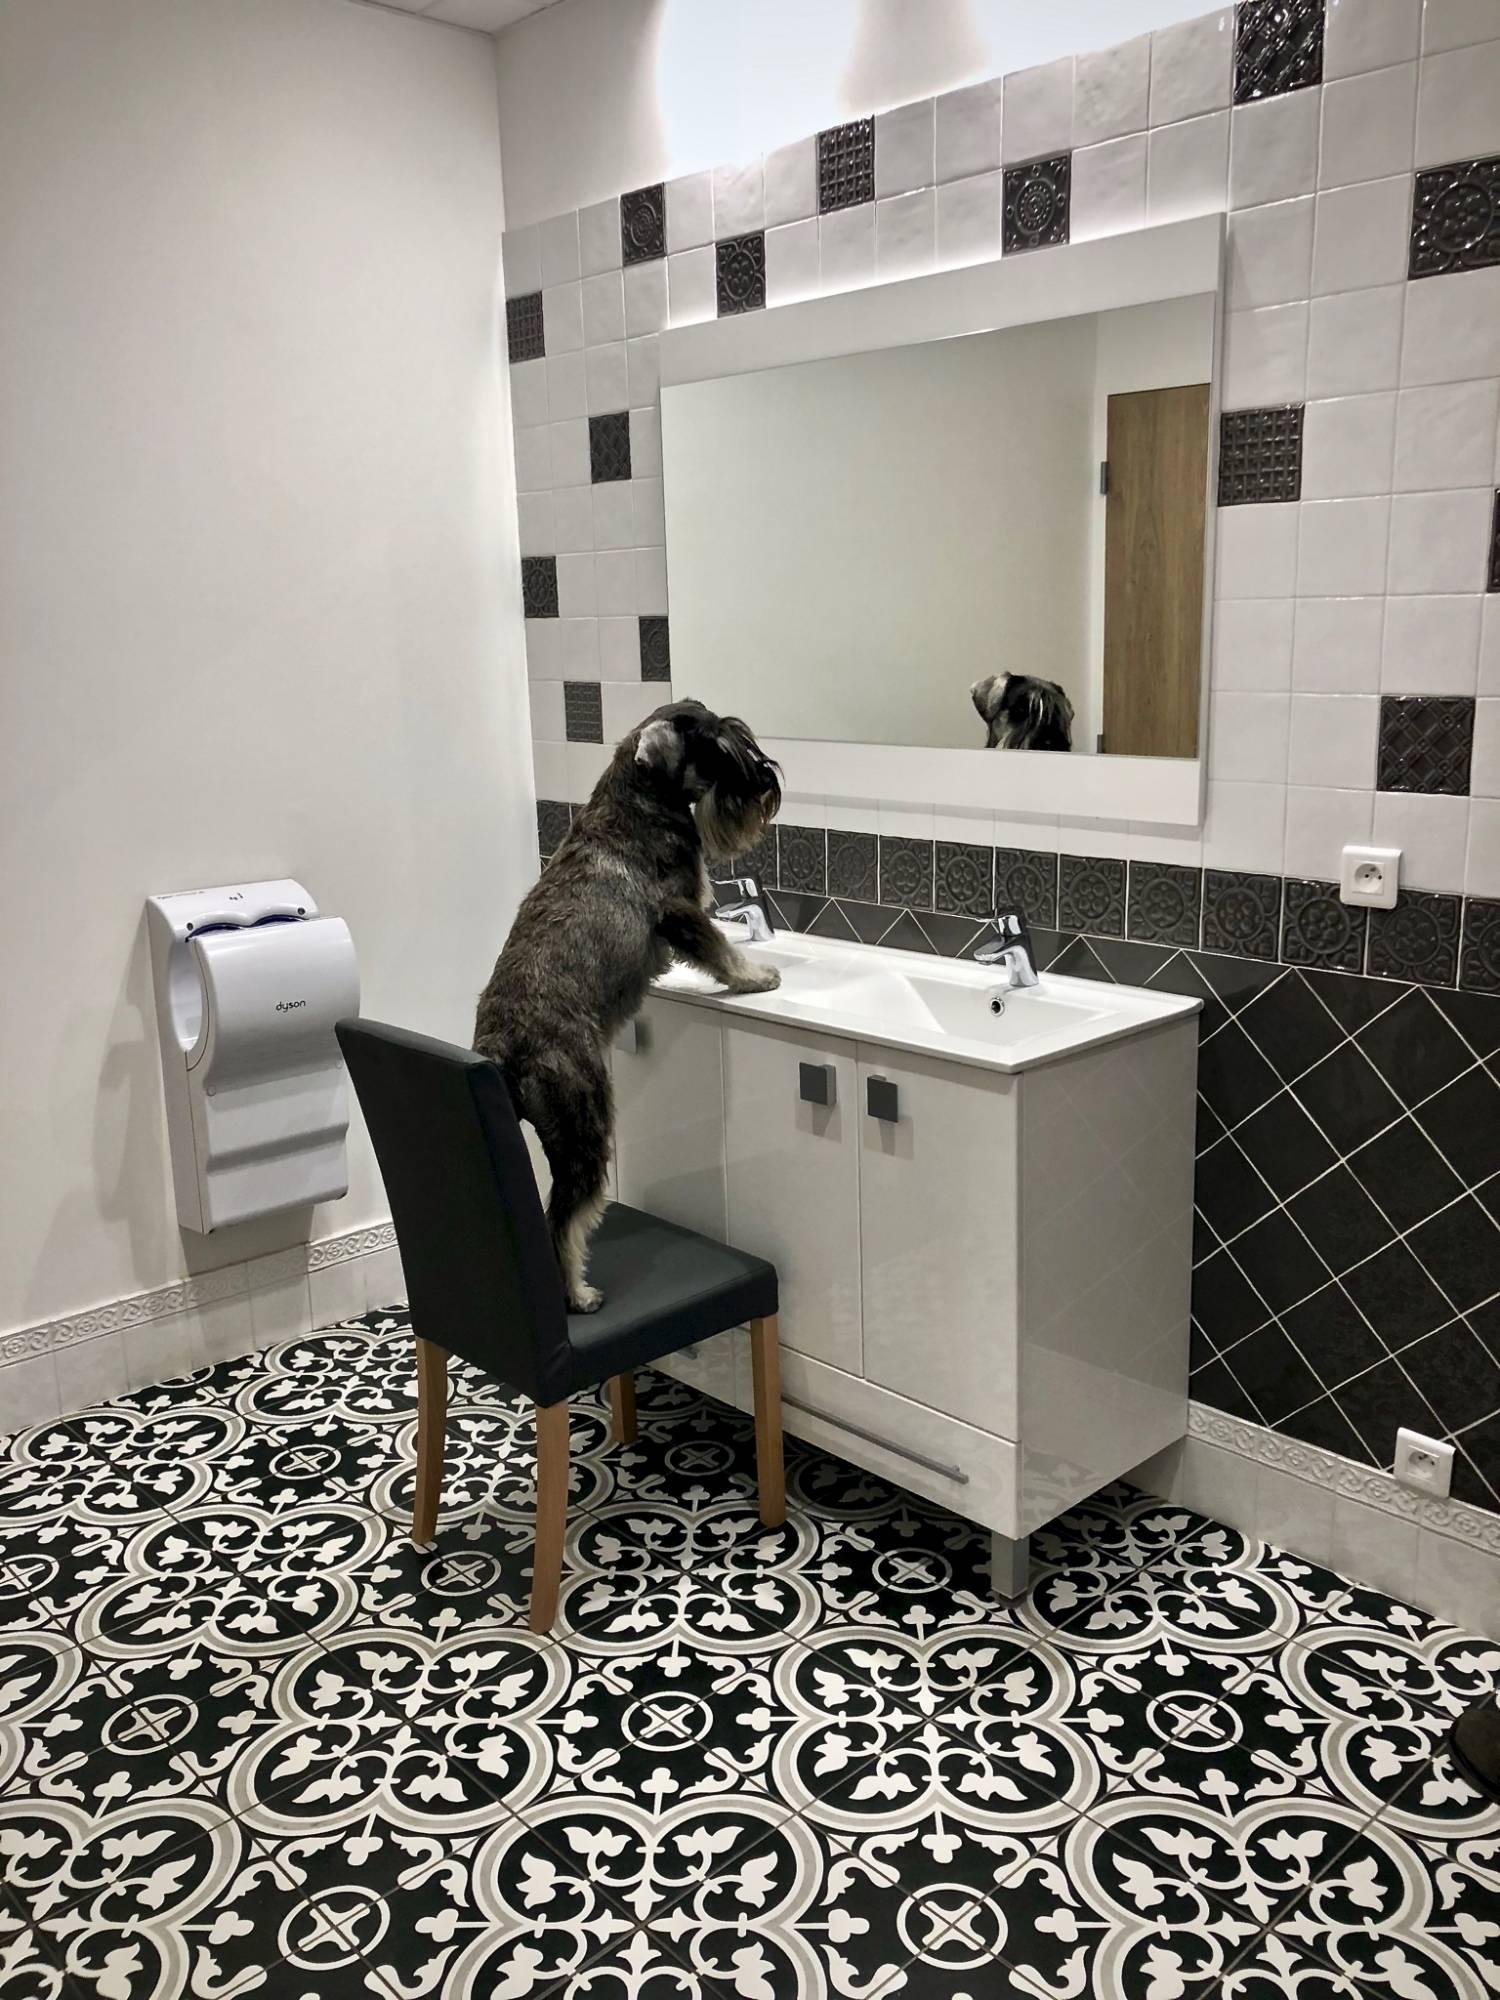 Vente de carreaux ciment pour salle de bain Lille - DIFFUSION